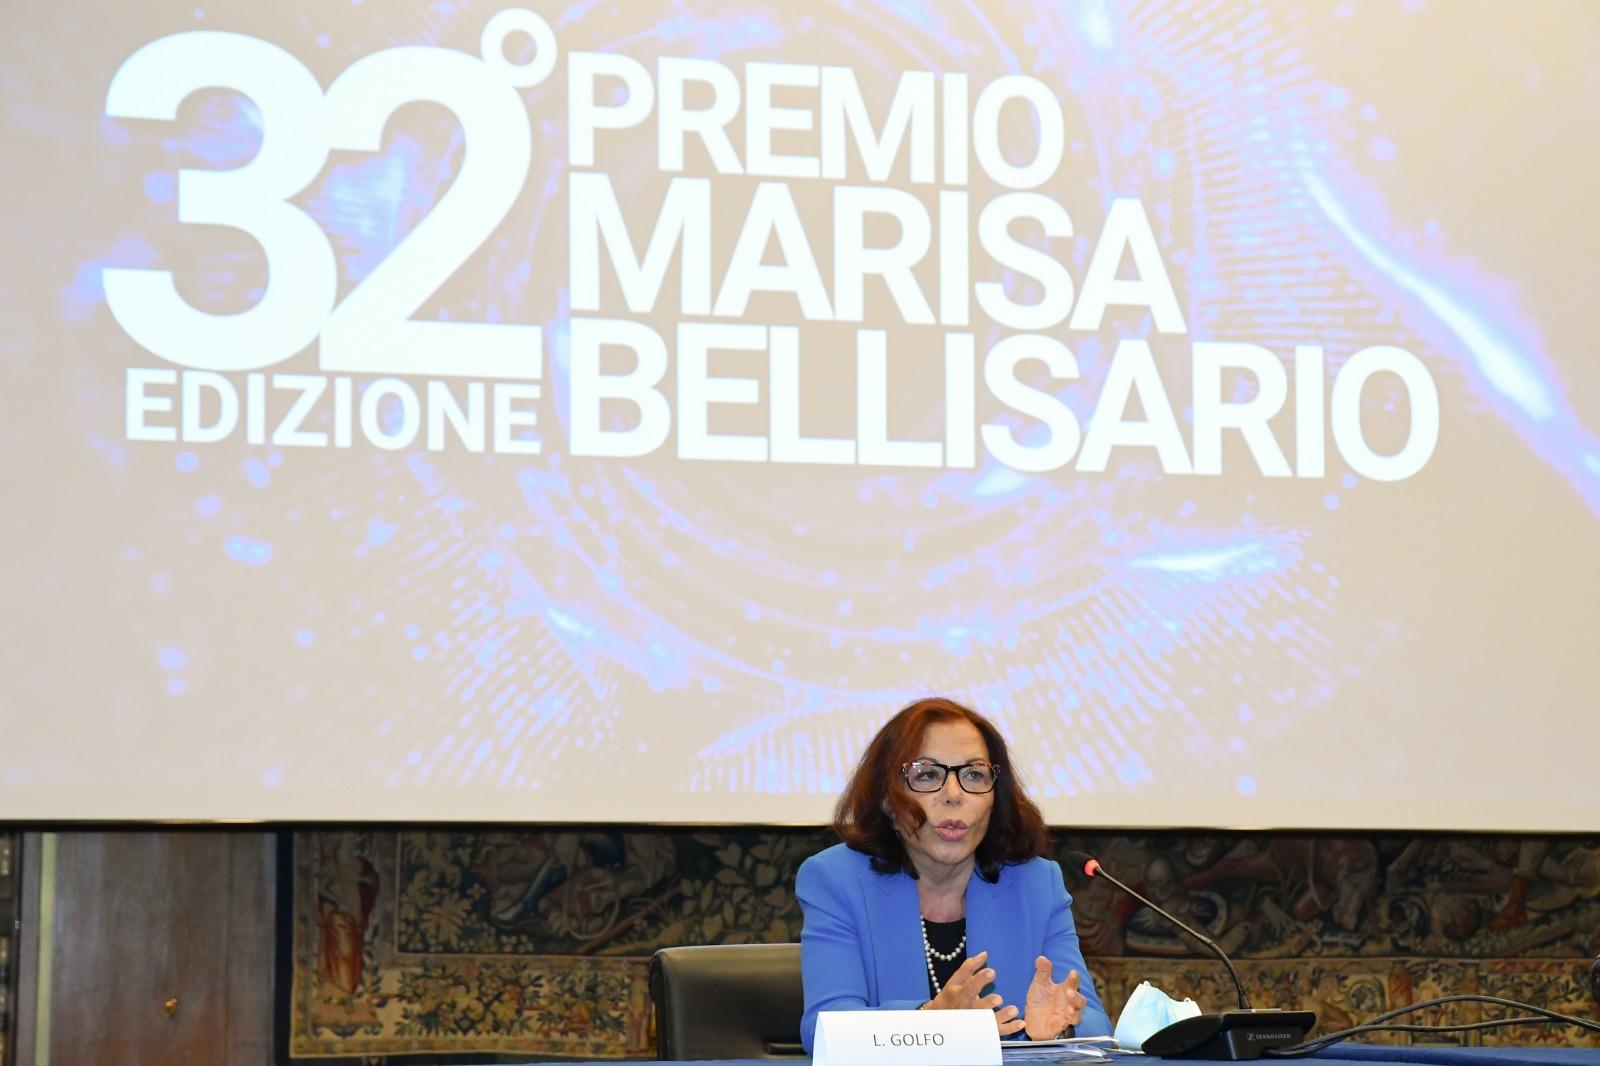 PREMIO BELLISARIO: ASSEGNATE LE MELE D'ORO DELLA 32ªEDIZIONE